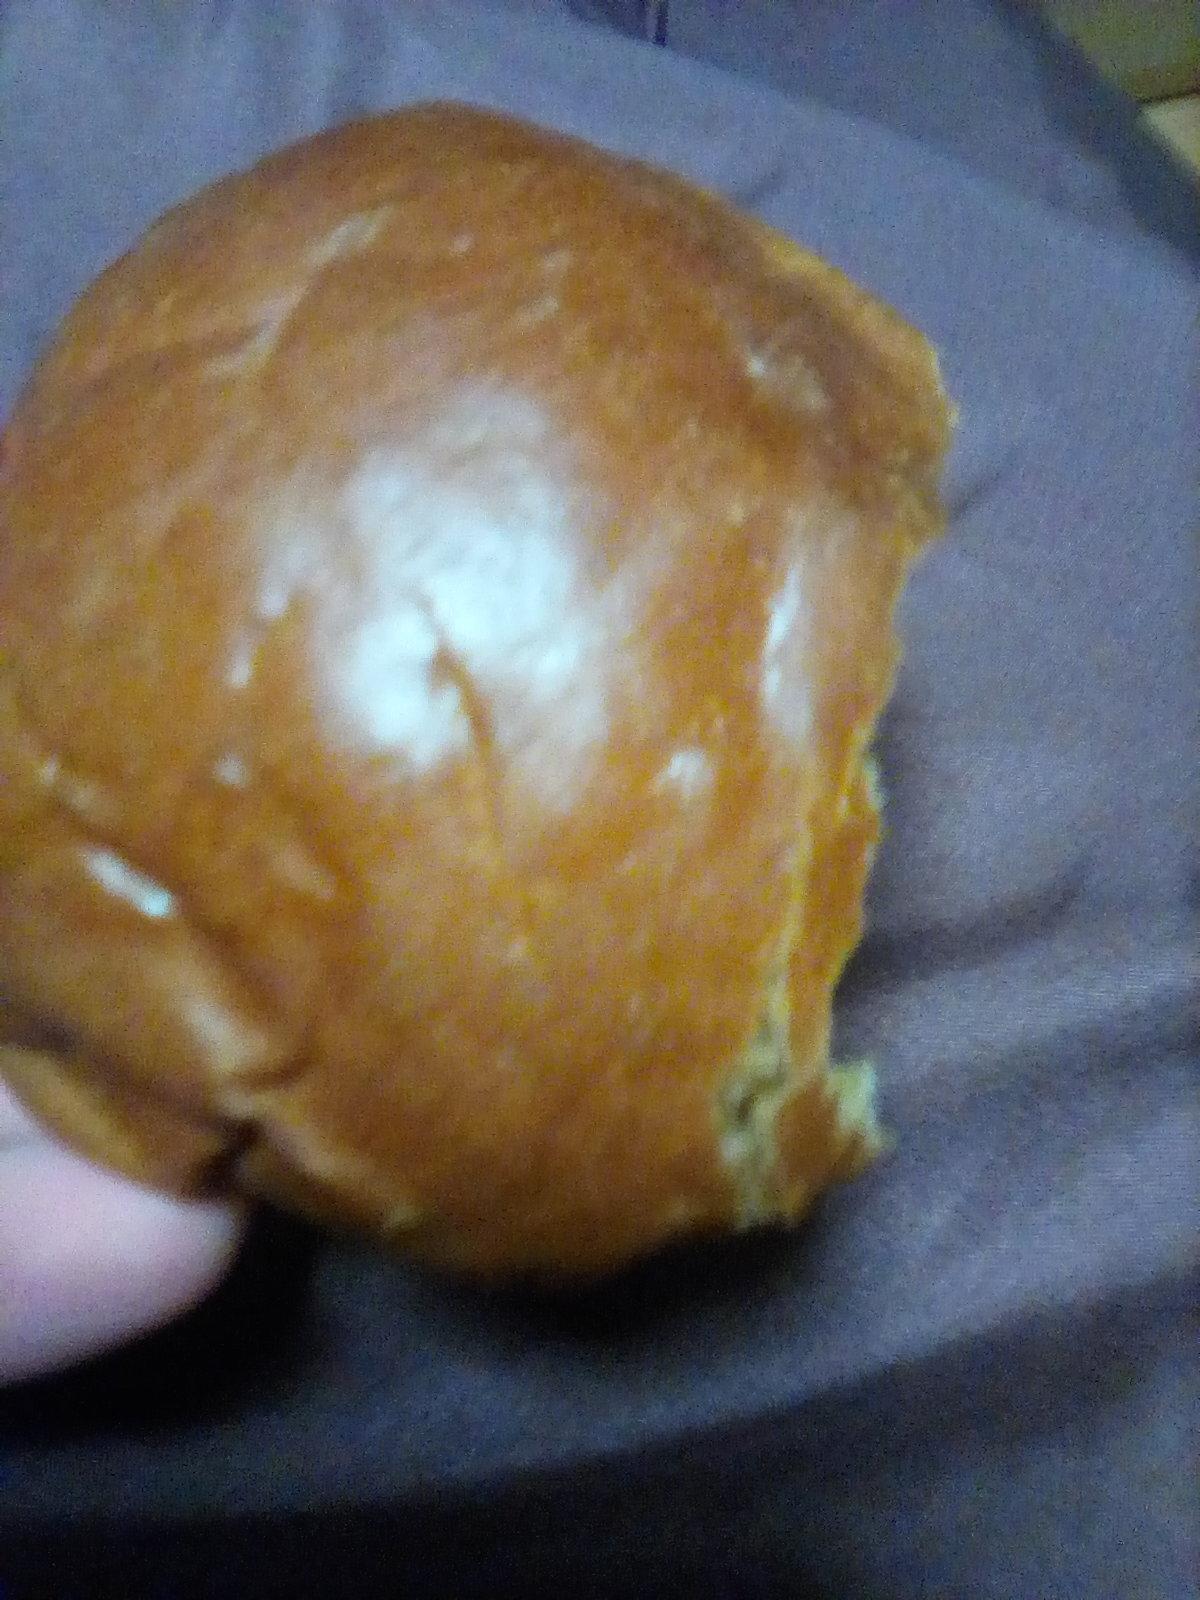 【画像】中心にマーガリン内蔵してる小さくて丸いパン